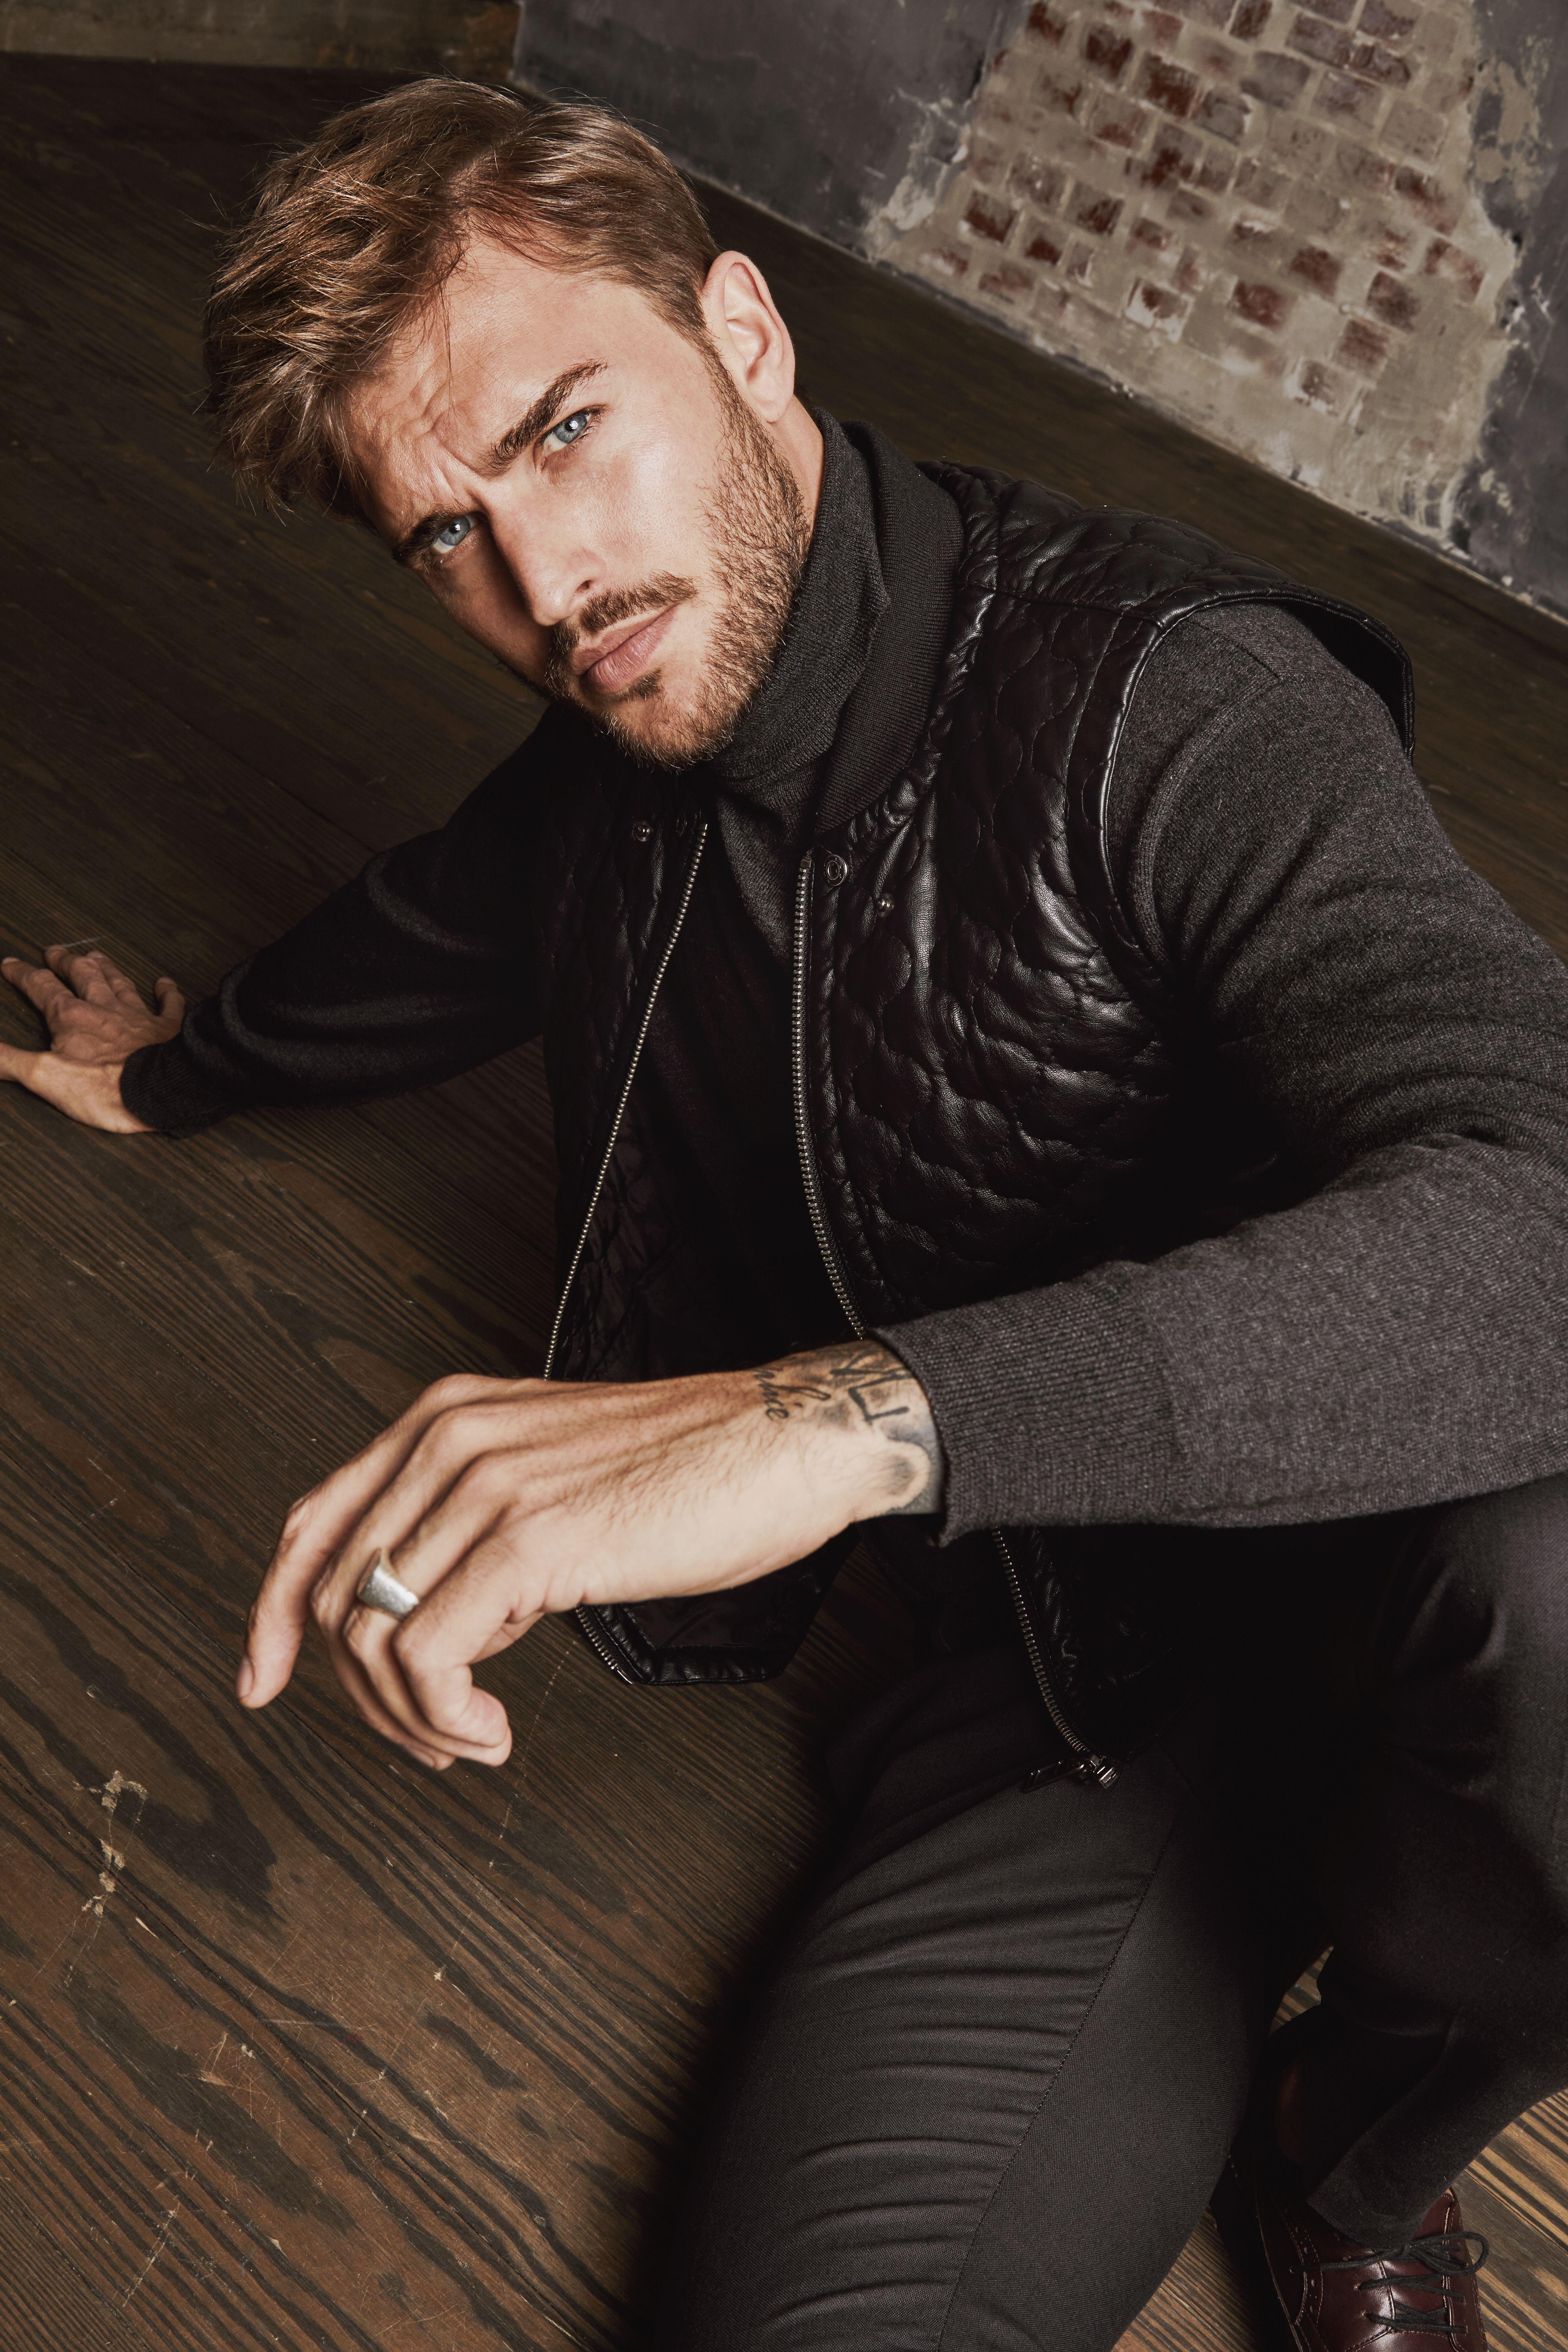 Patrik Ehlert Kult Model Agency Patrick Ehlert Male Model